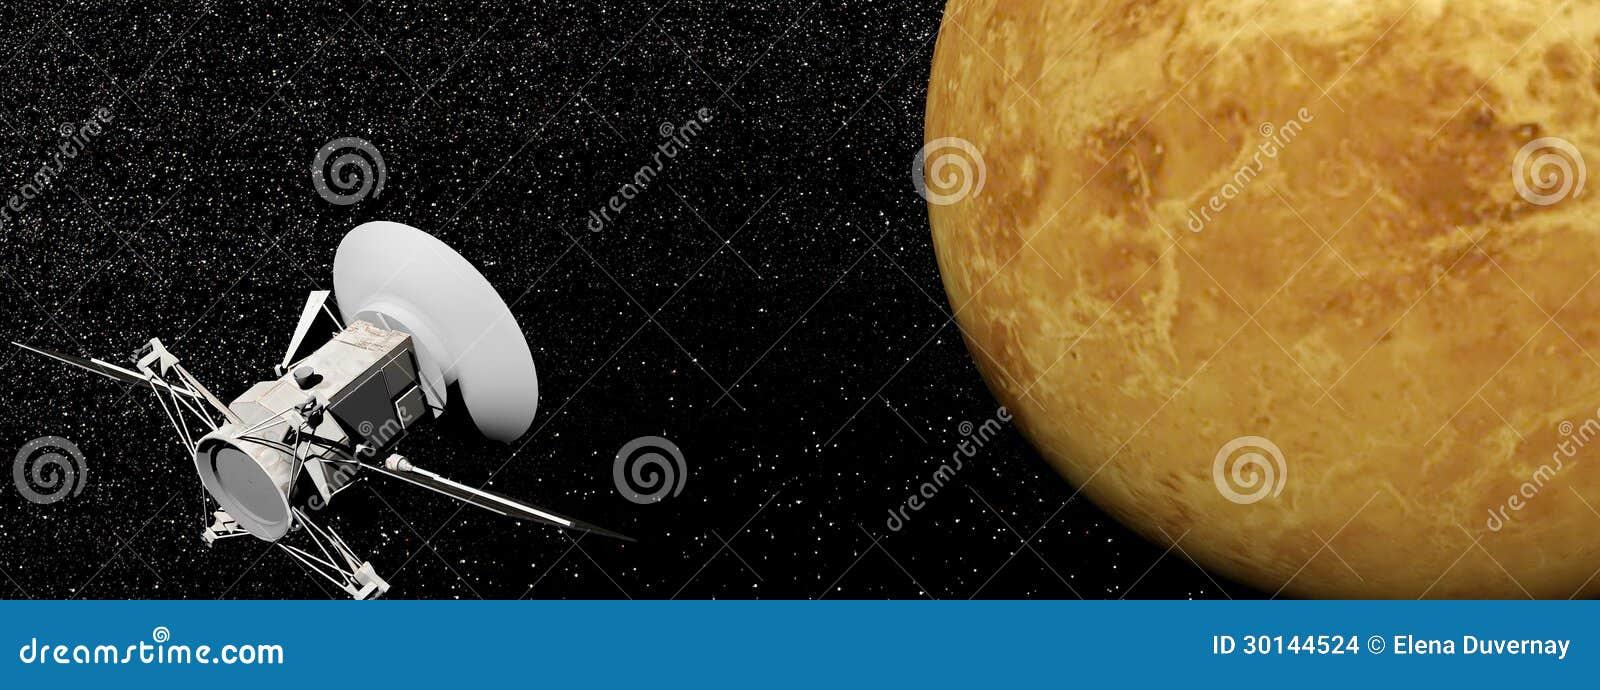 near spacecraft magellan venus mission - photo #4